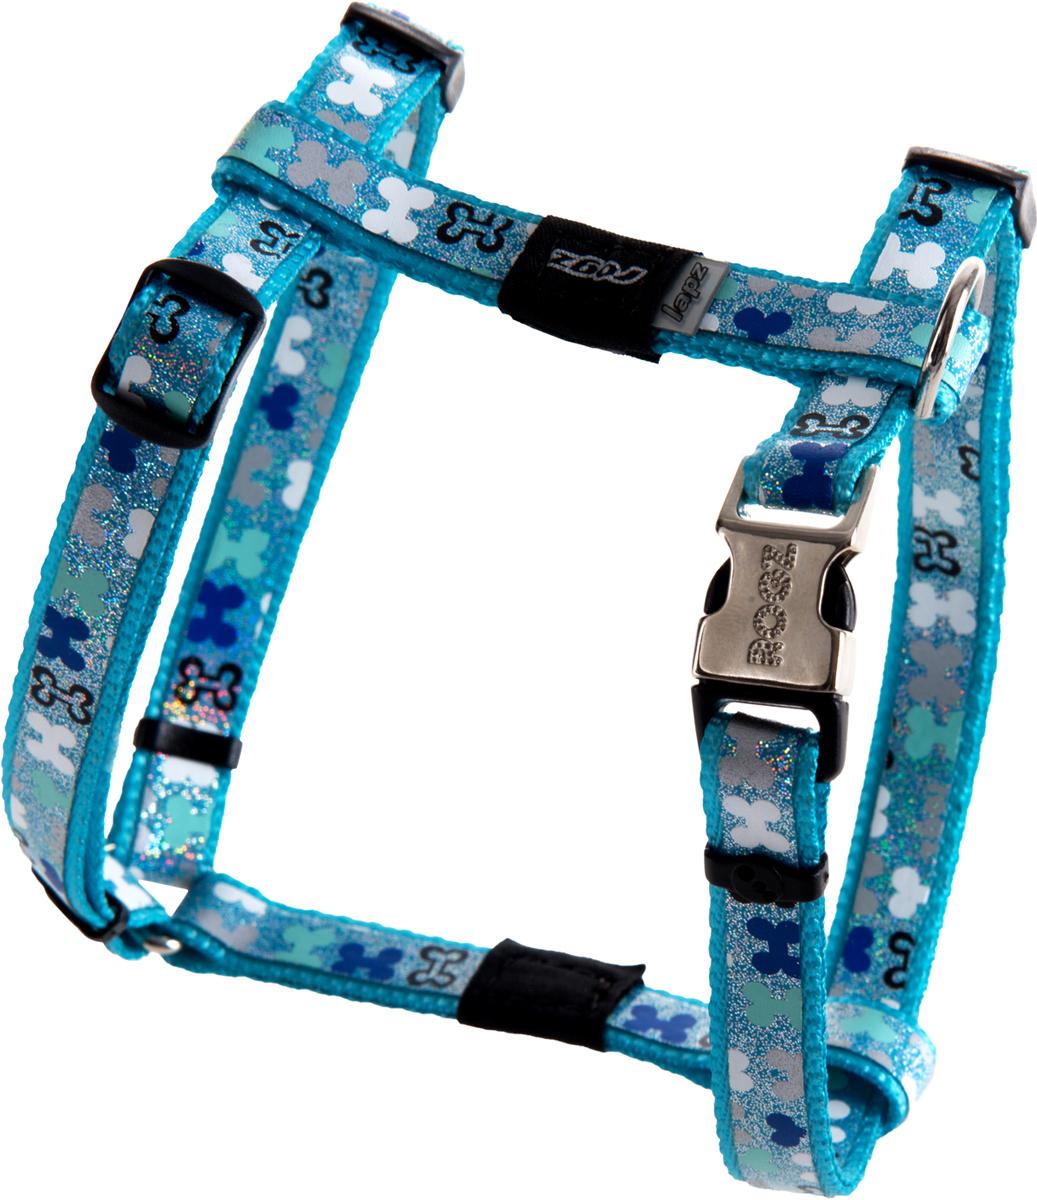 Шлейка для собак Rogz Trendy, цвет: голубой, ширина 1,2 см. Размер S0120710Шлейка для собак Rogz Trendy обладает нежнейшей мягкостью и гибкостью.Светоотражающие материалы для обеспечения лучшей видимости собаки в темное время суток.